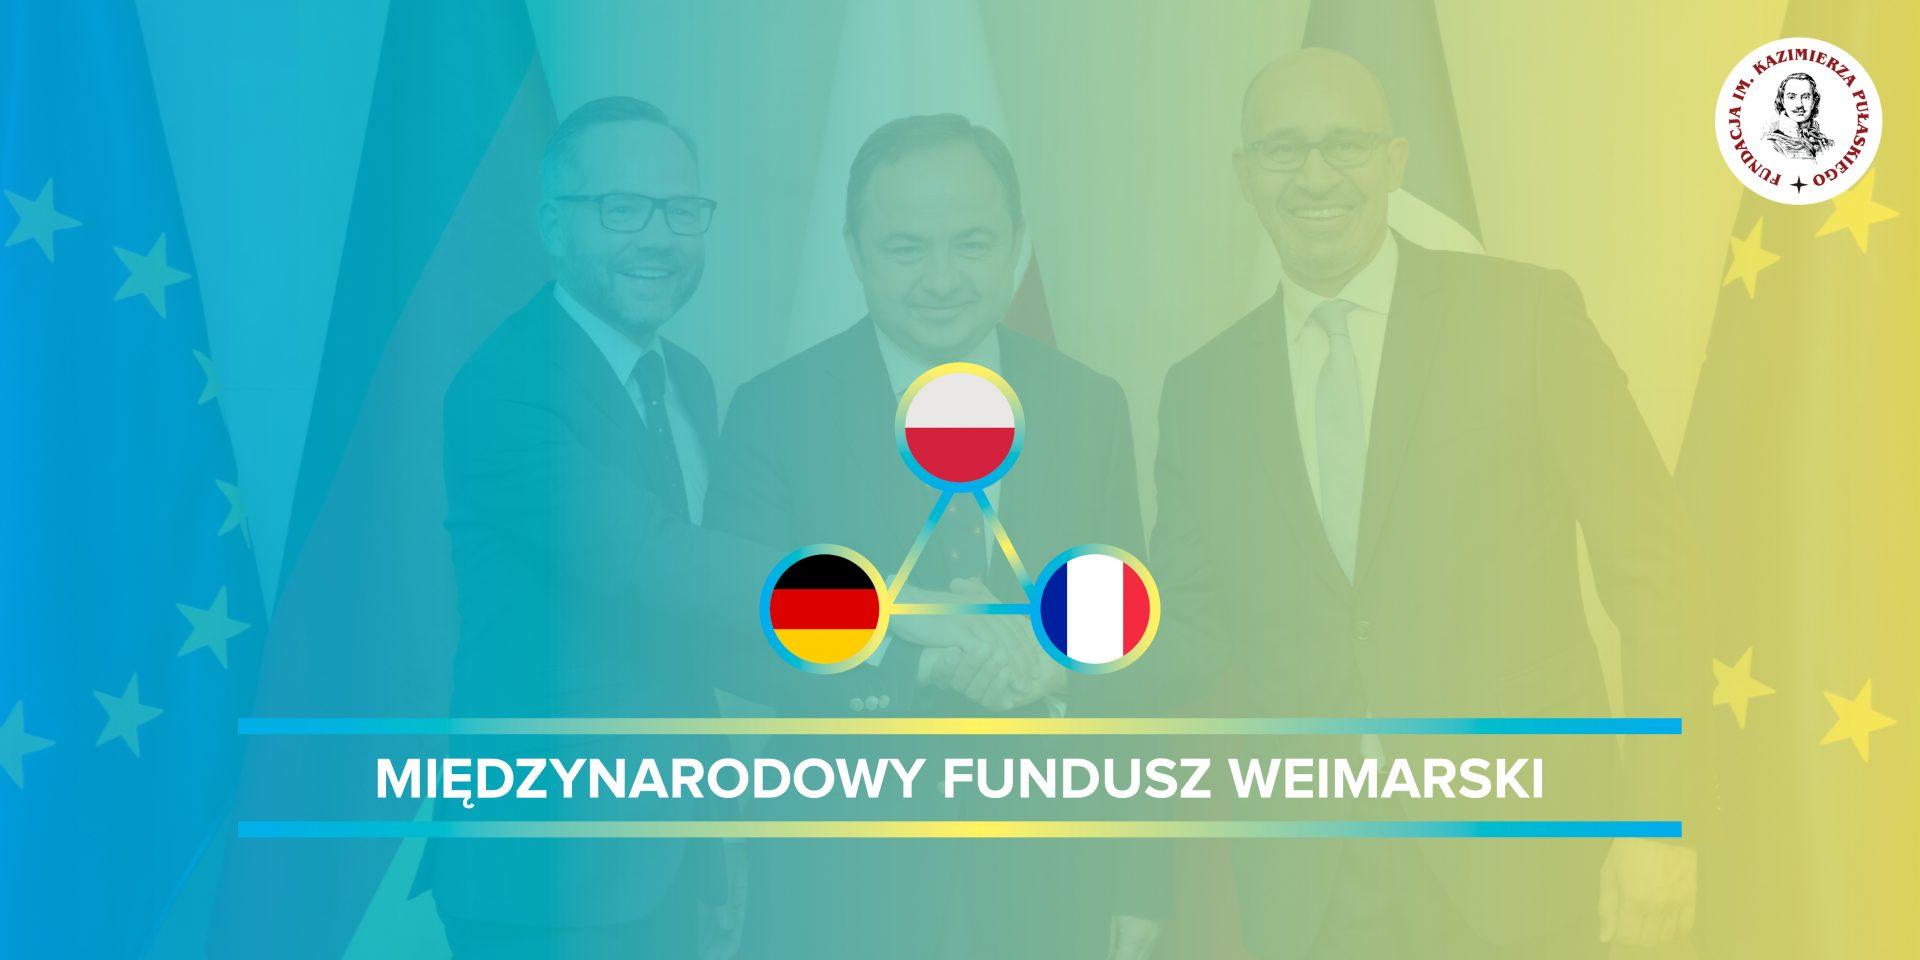 Międzynarodowy Fundusz Weimarski